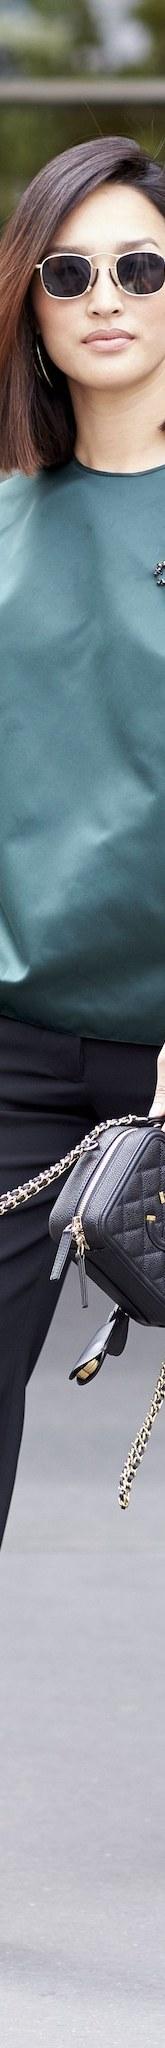 پنج دلیل متخصصان مد و فشن برای استفاده از گل سینه و سنجاق سینه